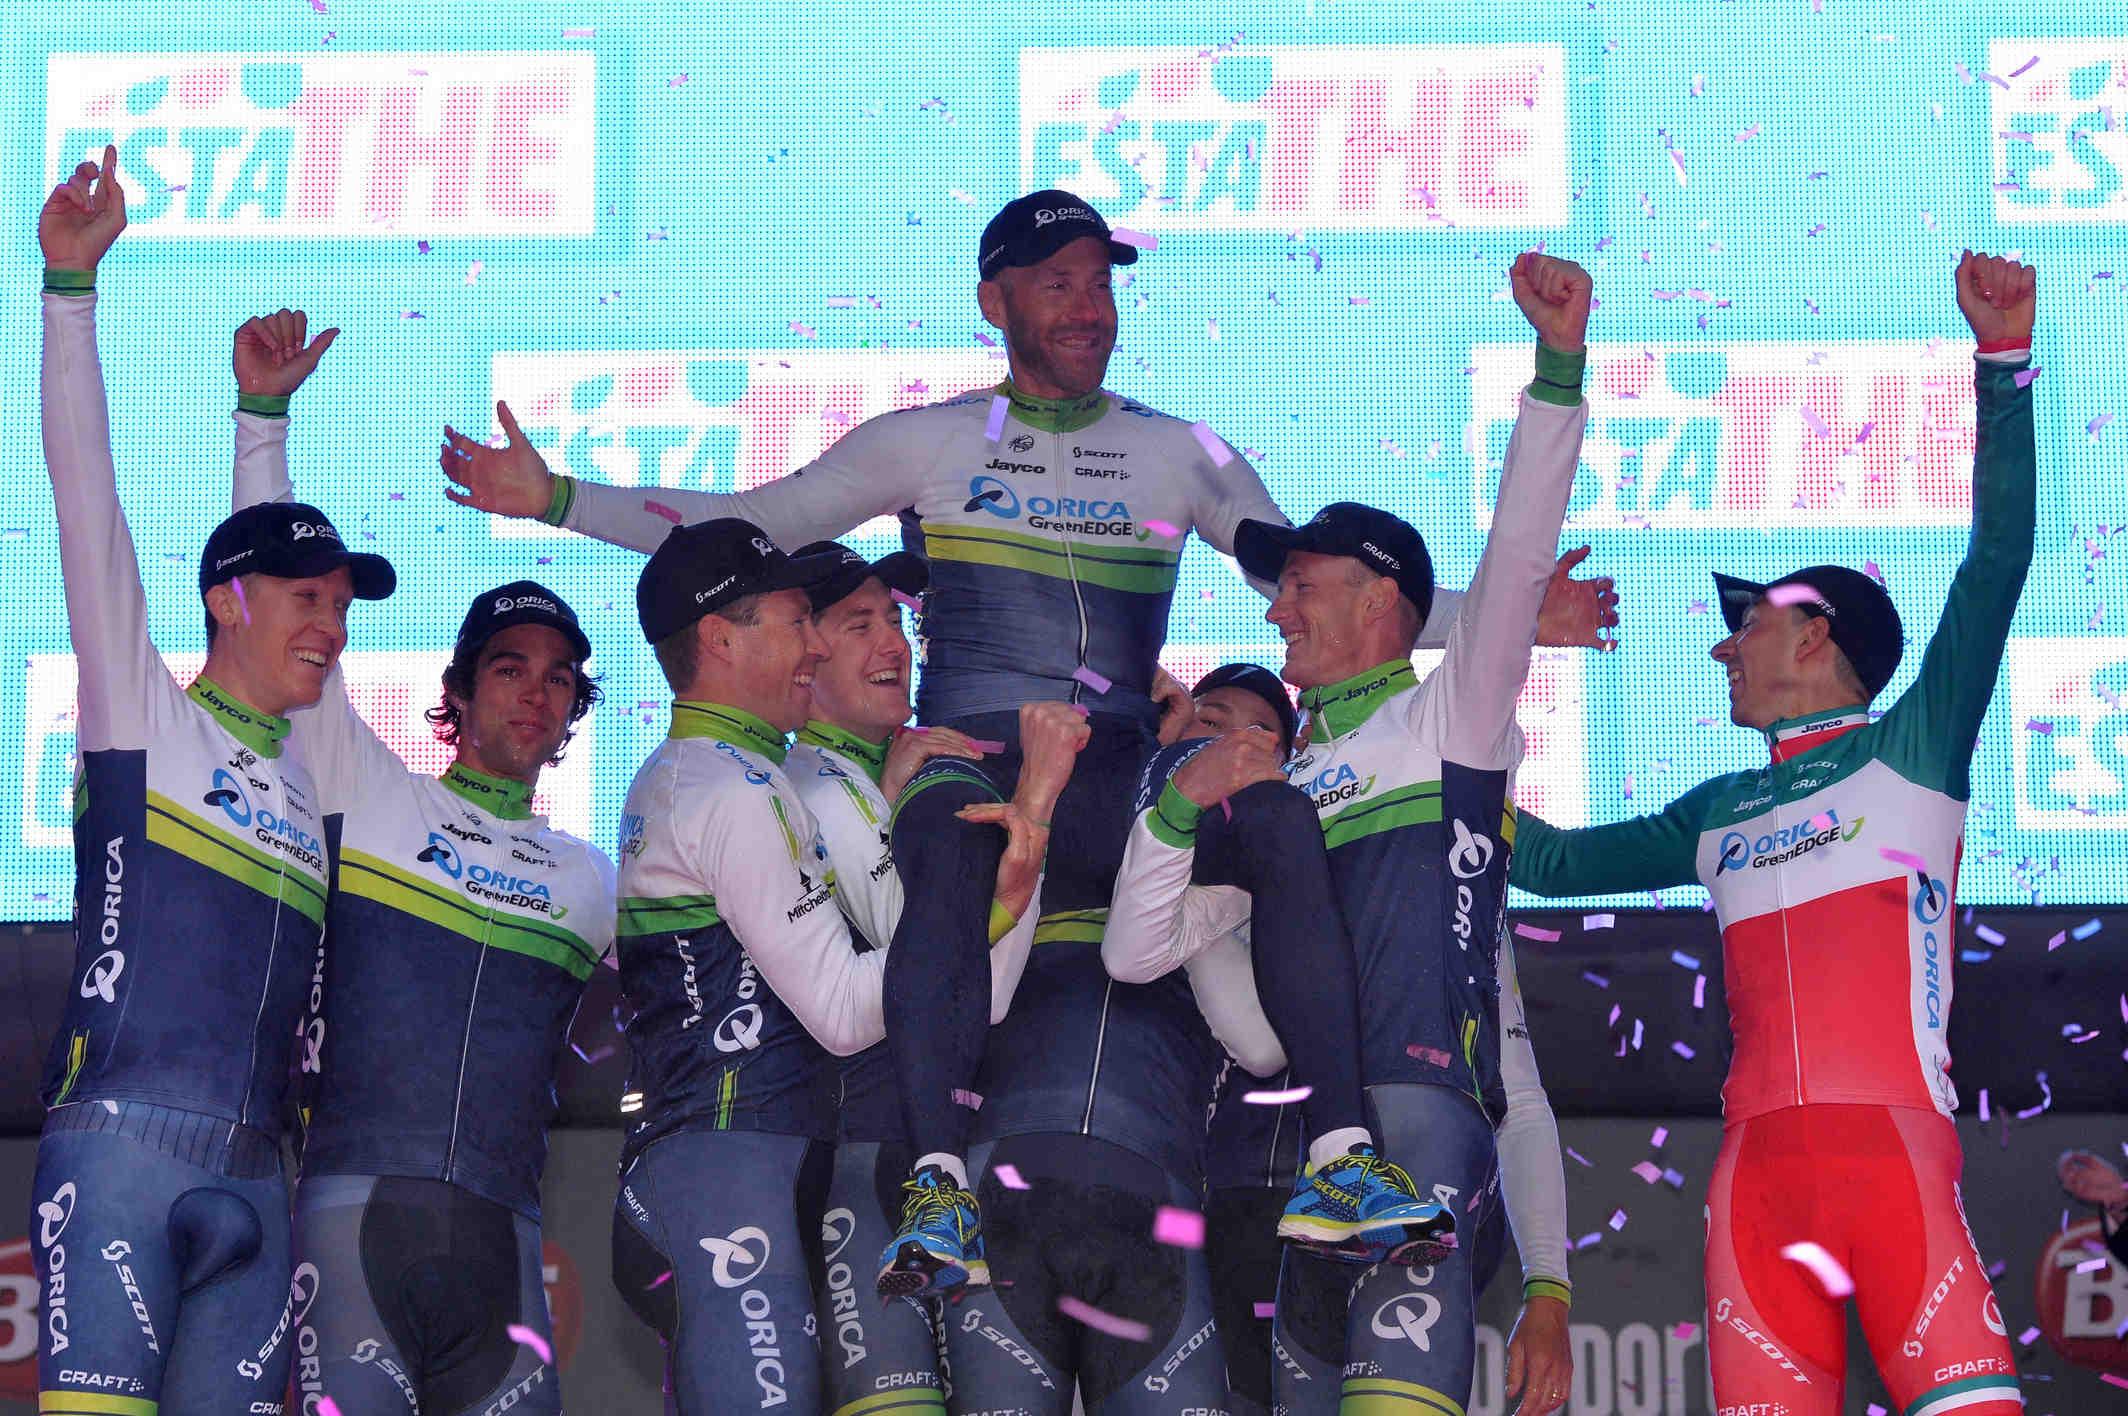 Giro d'Italia 2014: La Orica-GreenEdge e Tuft in rosa